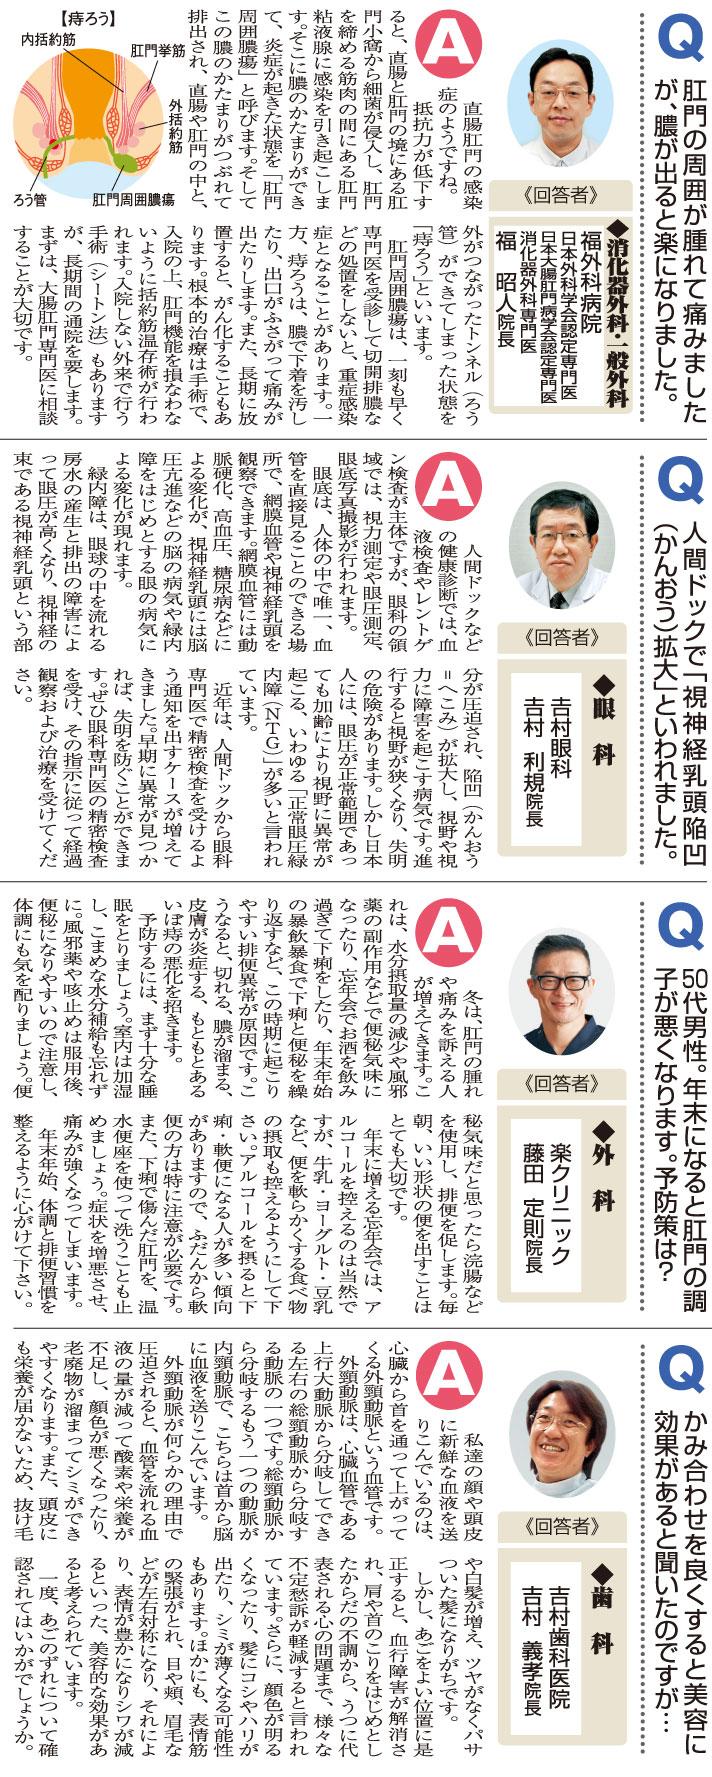 おしえて!マイドクターQ&A「痔ろう」「視神経乳頭陥凹拡大」「下痢・便秘」「かみ合わせ」(2018.12.22)